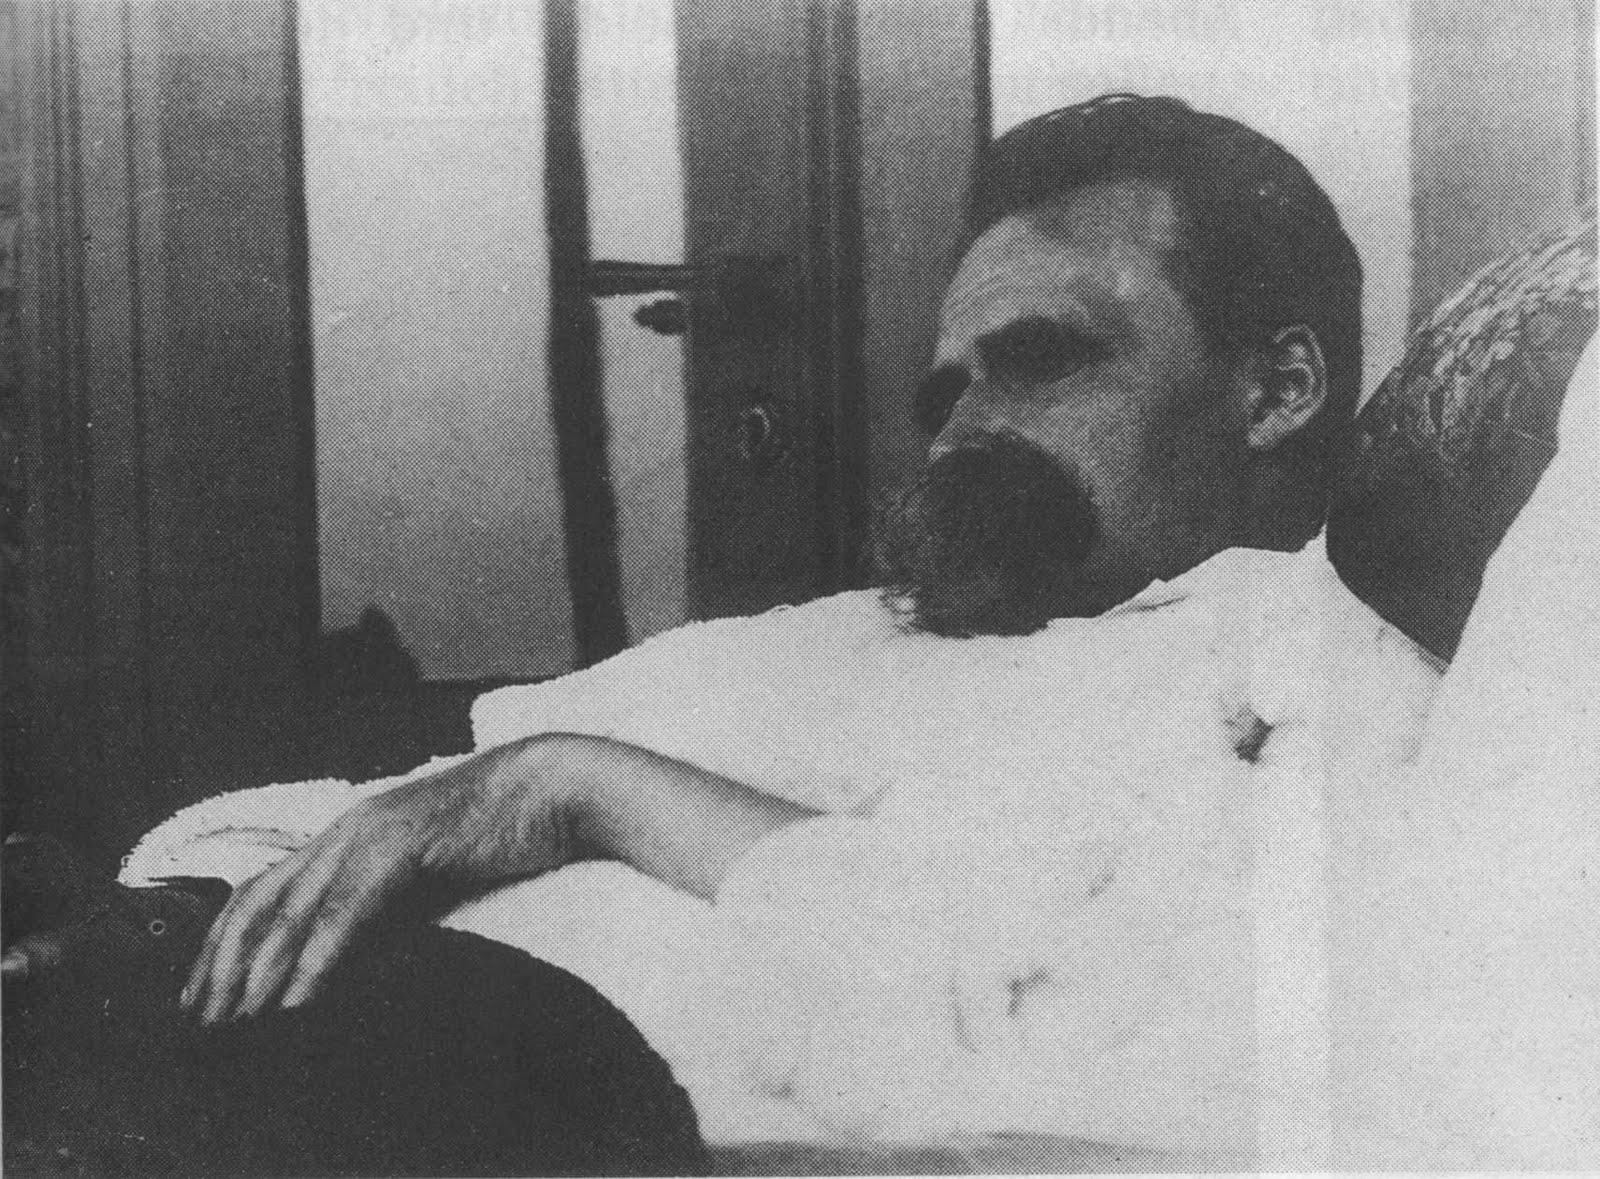 http://2.bp.blogspot.com/-_eqZQRX8fZU/TbG_x8c8gbI/AAAAAAAAAc8/t5xlhbbgaGY/s1600/Old+Nietzsche%252C+1899.JPG